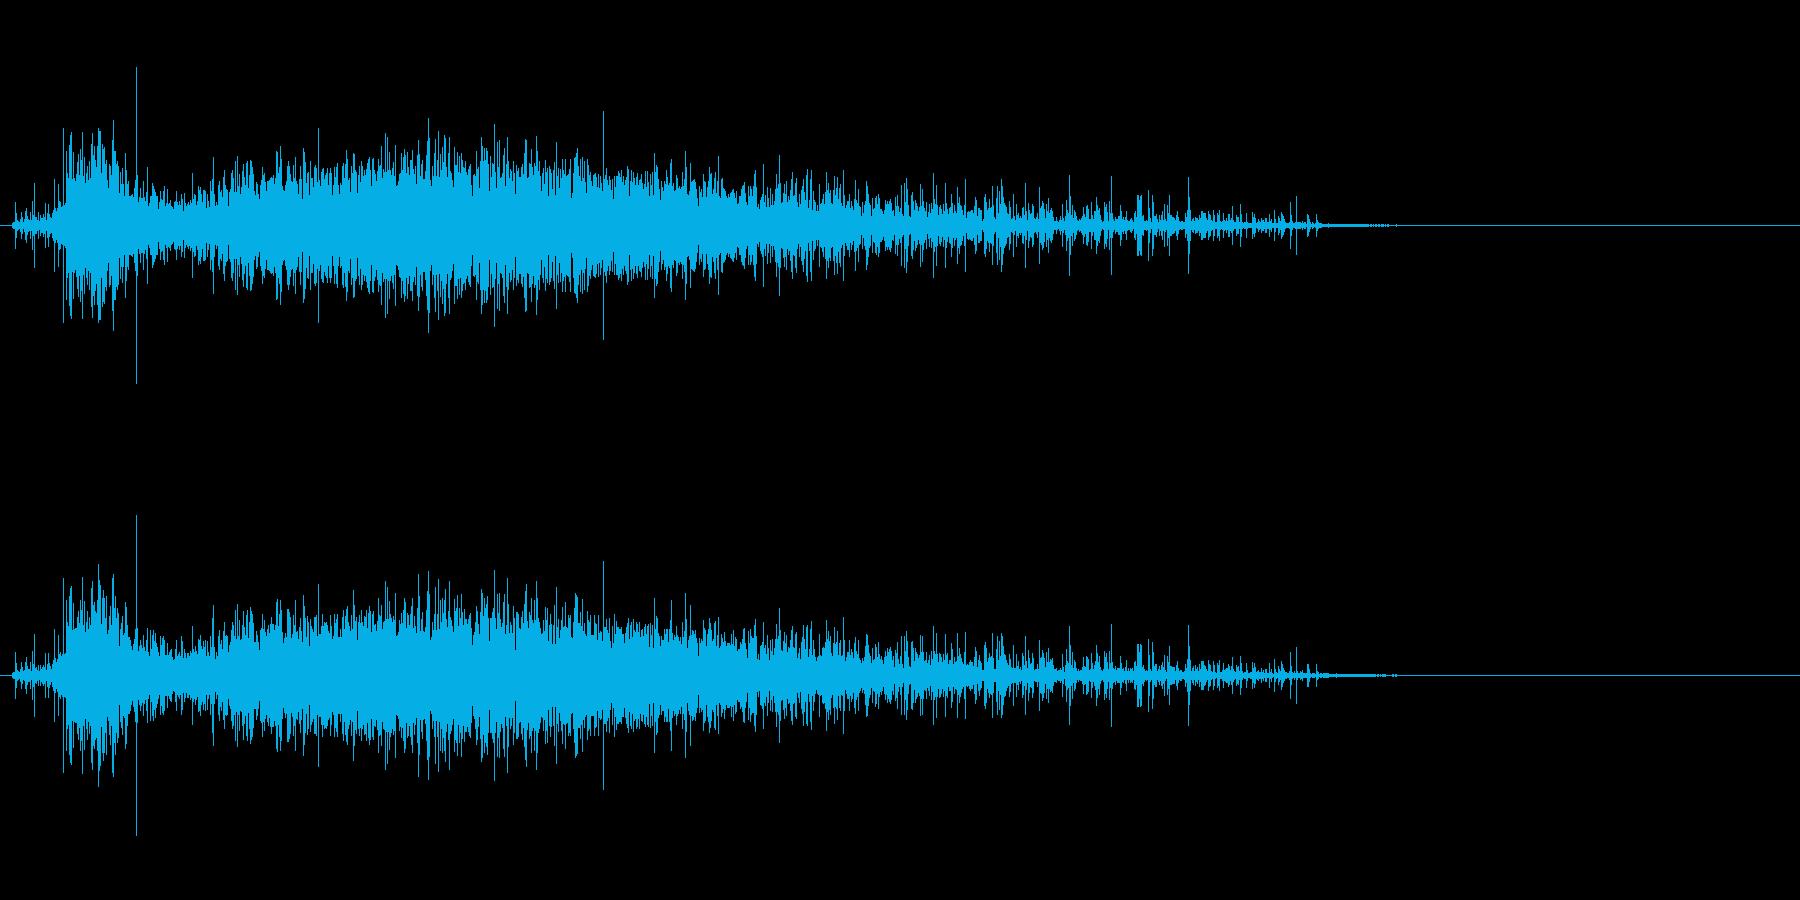 「シャラ〜」レインシェーカー水音リバーブの再生済みの波形